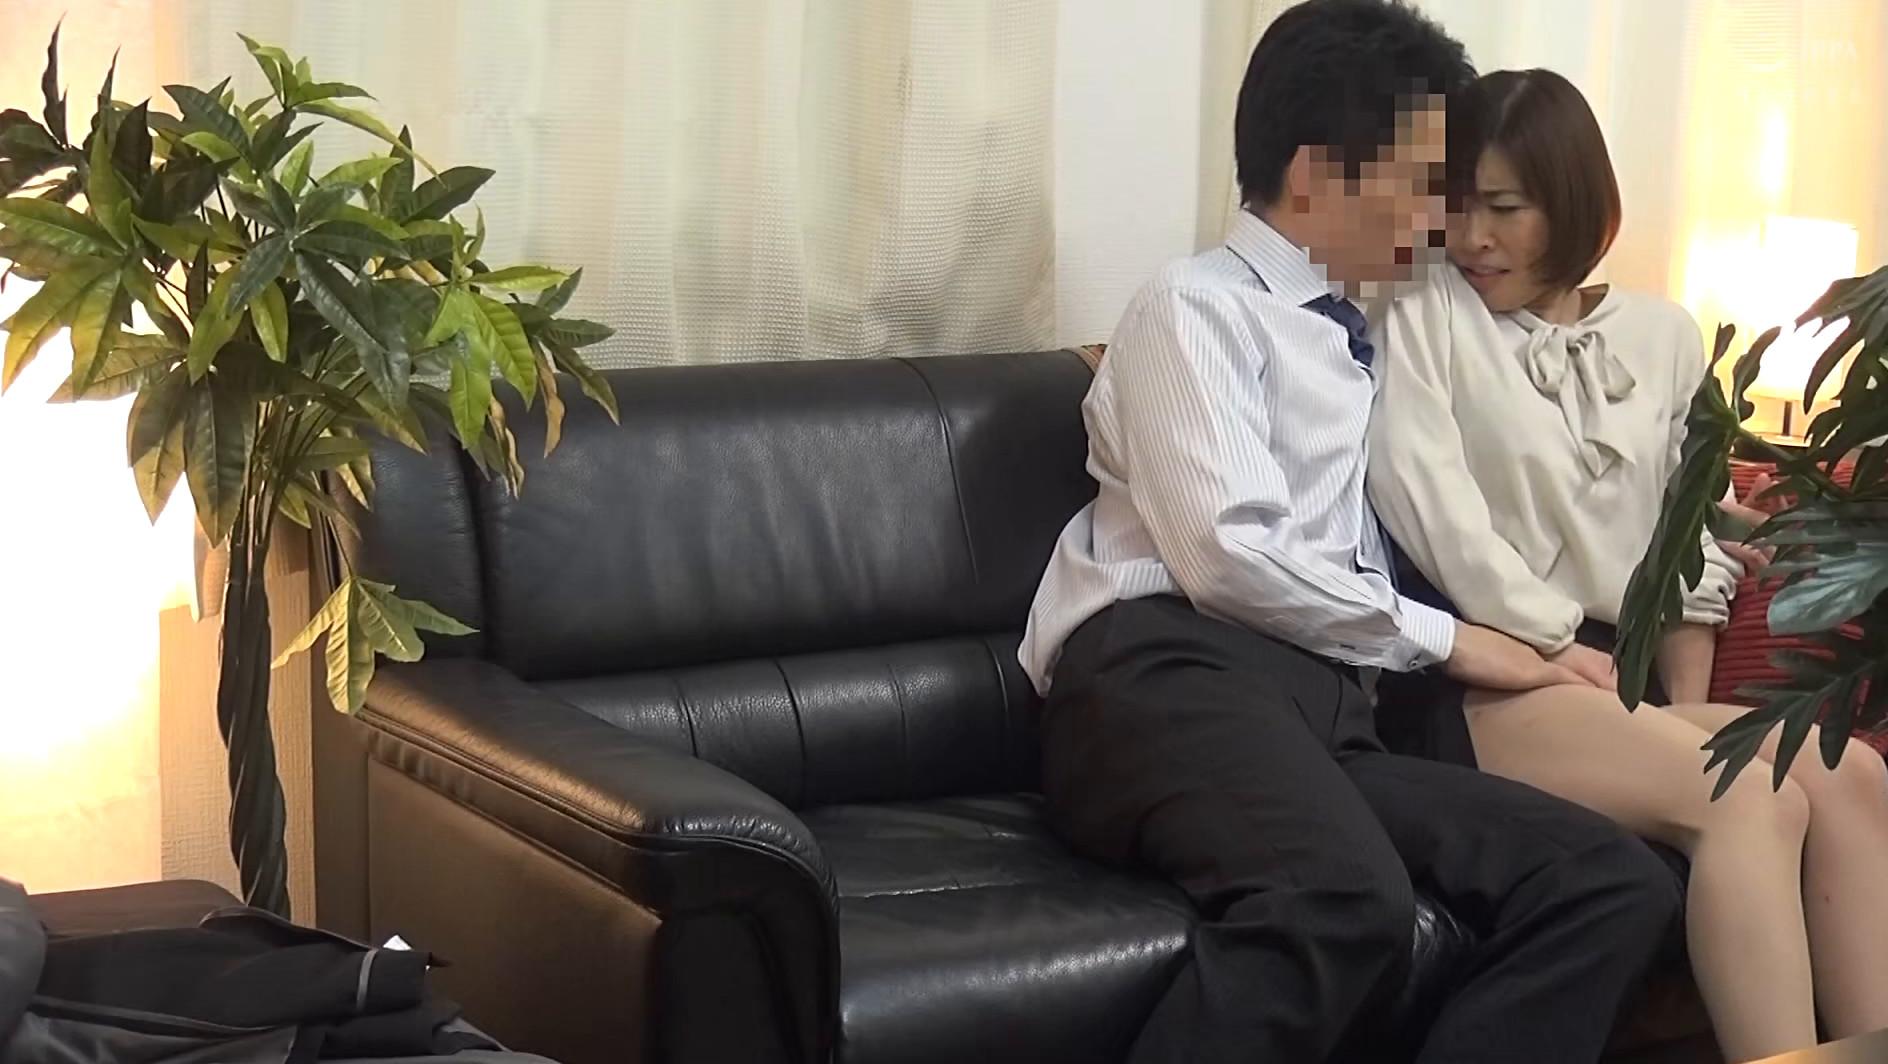 本気になるおばさん。久しぶりの本気SEXに溺れた嶋崎かすみさん(48歳)の場合 画像3